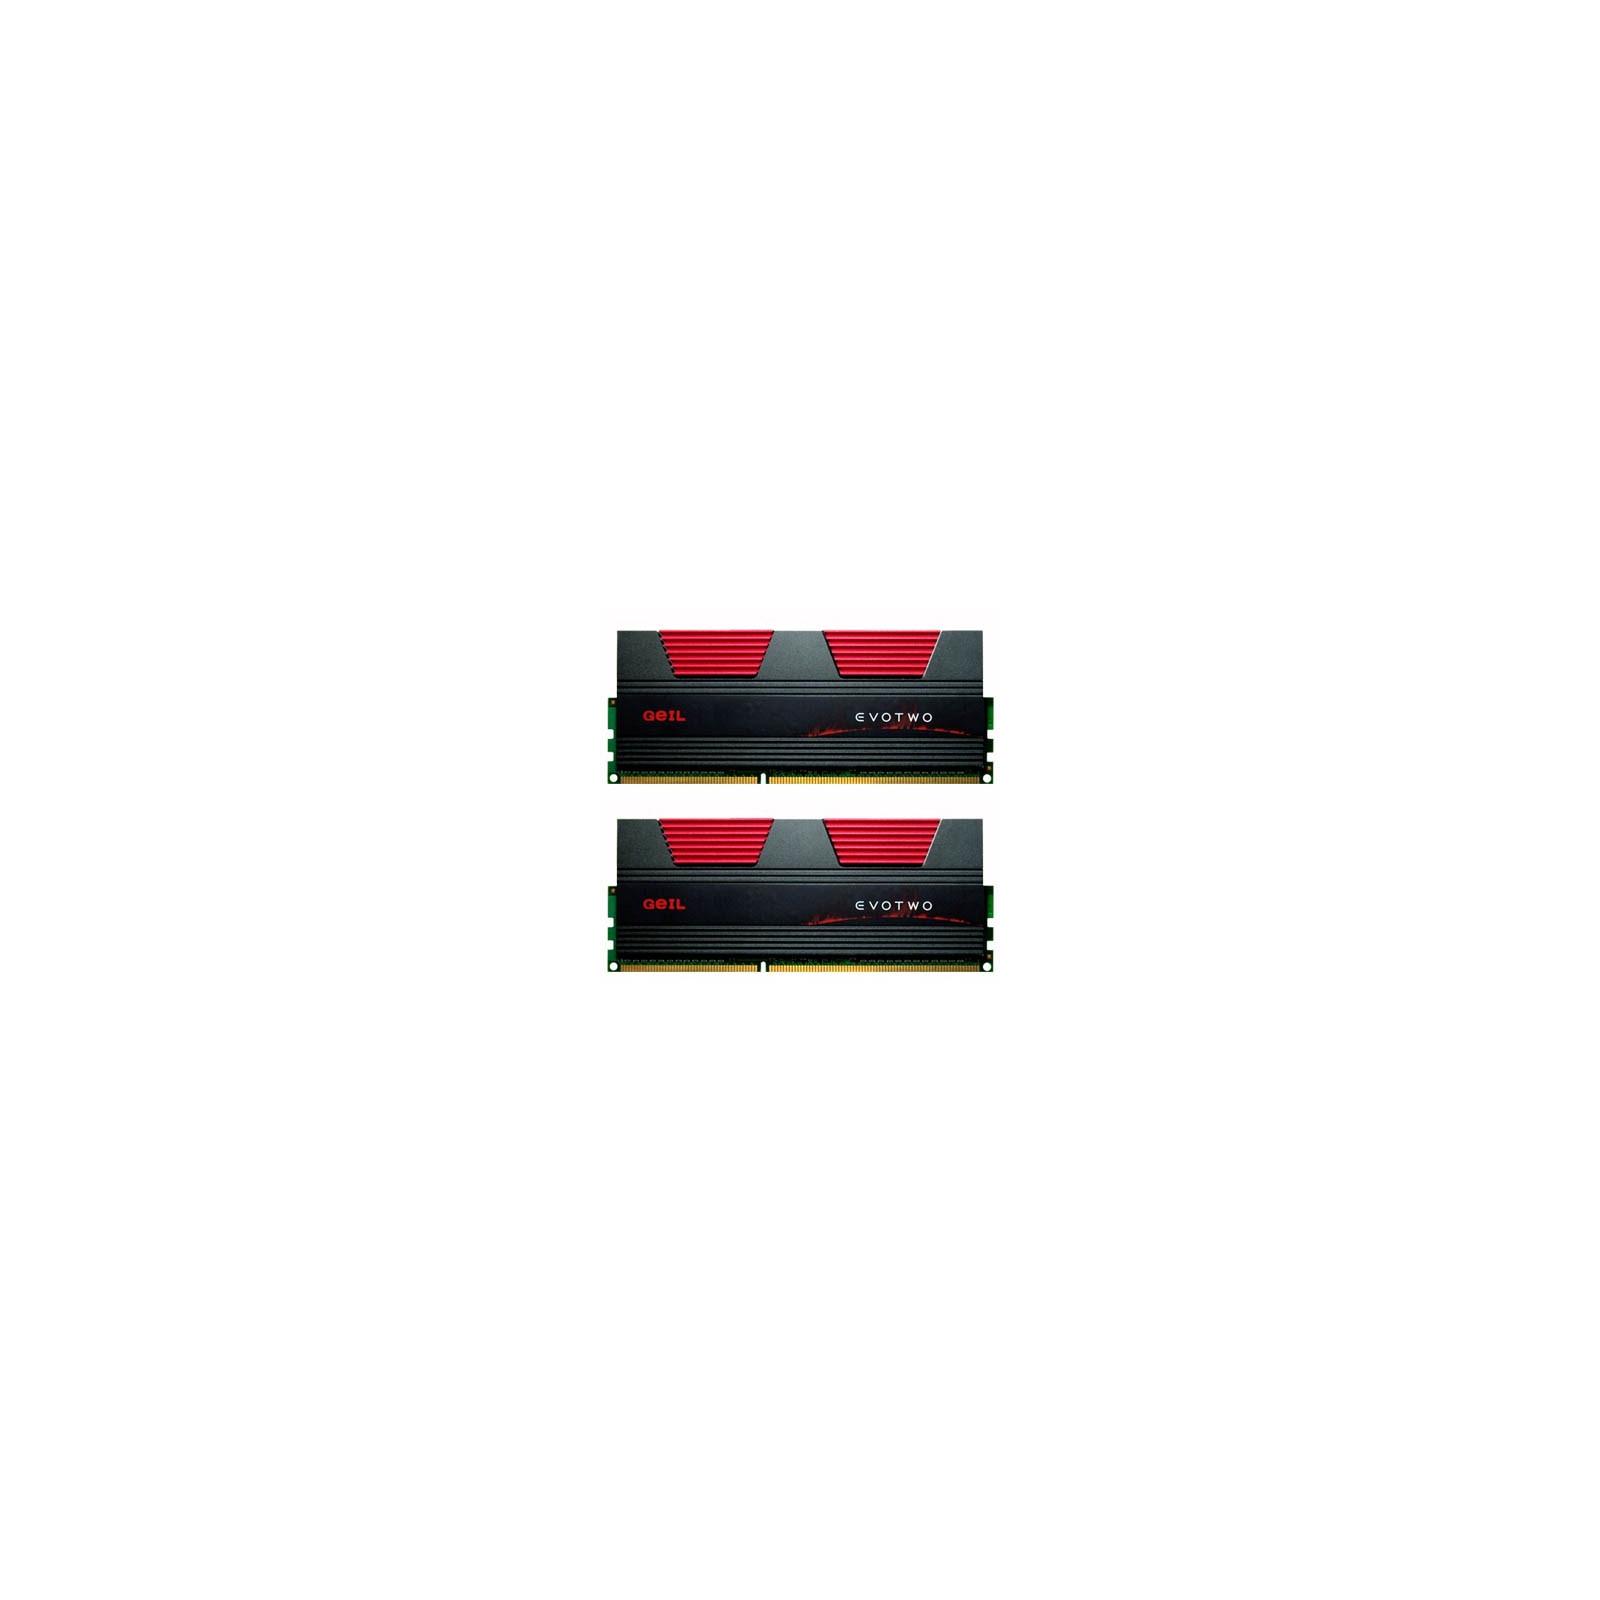 Модуль памяти для компьютера DDR3 4GB (2x2GB) 2133 MHz GEIL (GET34GB2133C11DC)